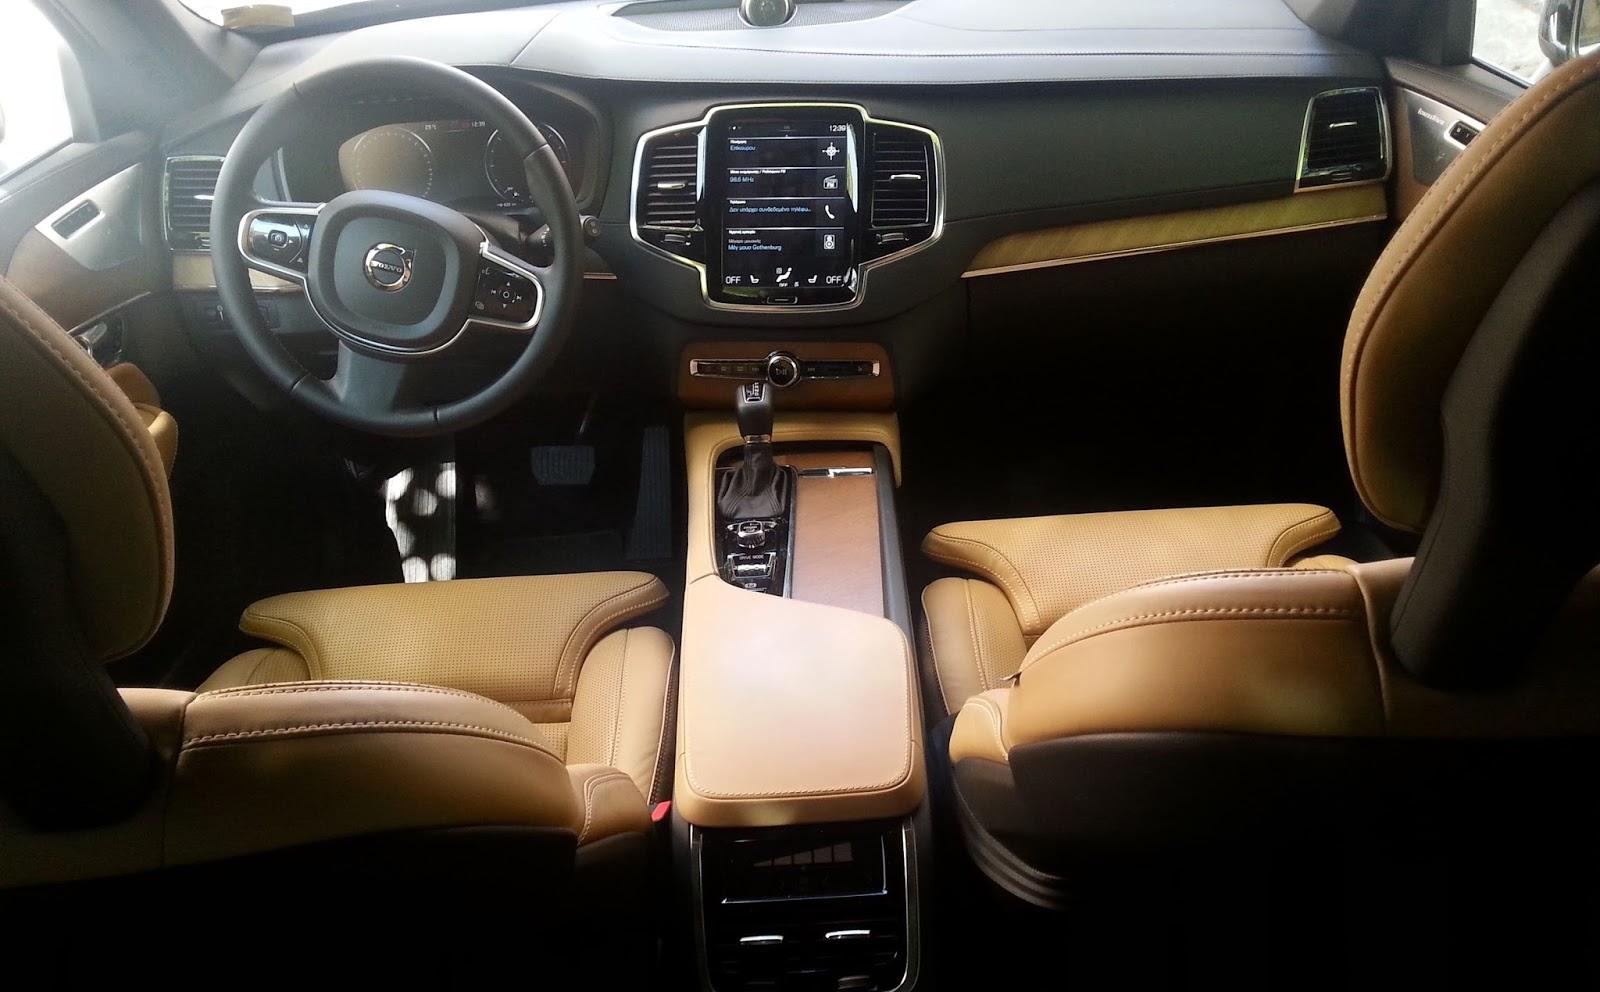 saloni1 Οδηγούμε το Volvo XC90 D5 TEST, Volvo, zblog, ΔΟΚΙΜΕΣ